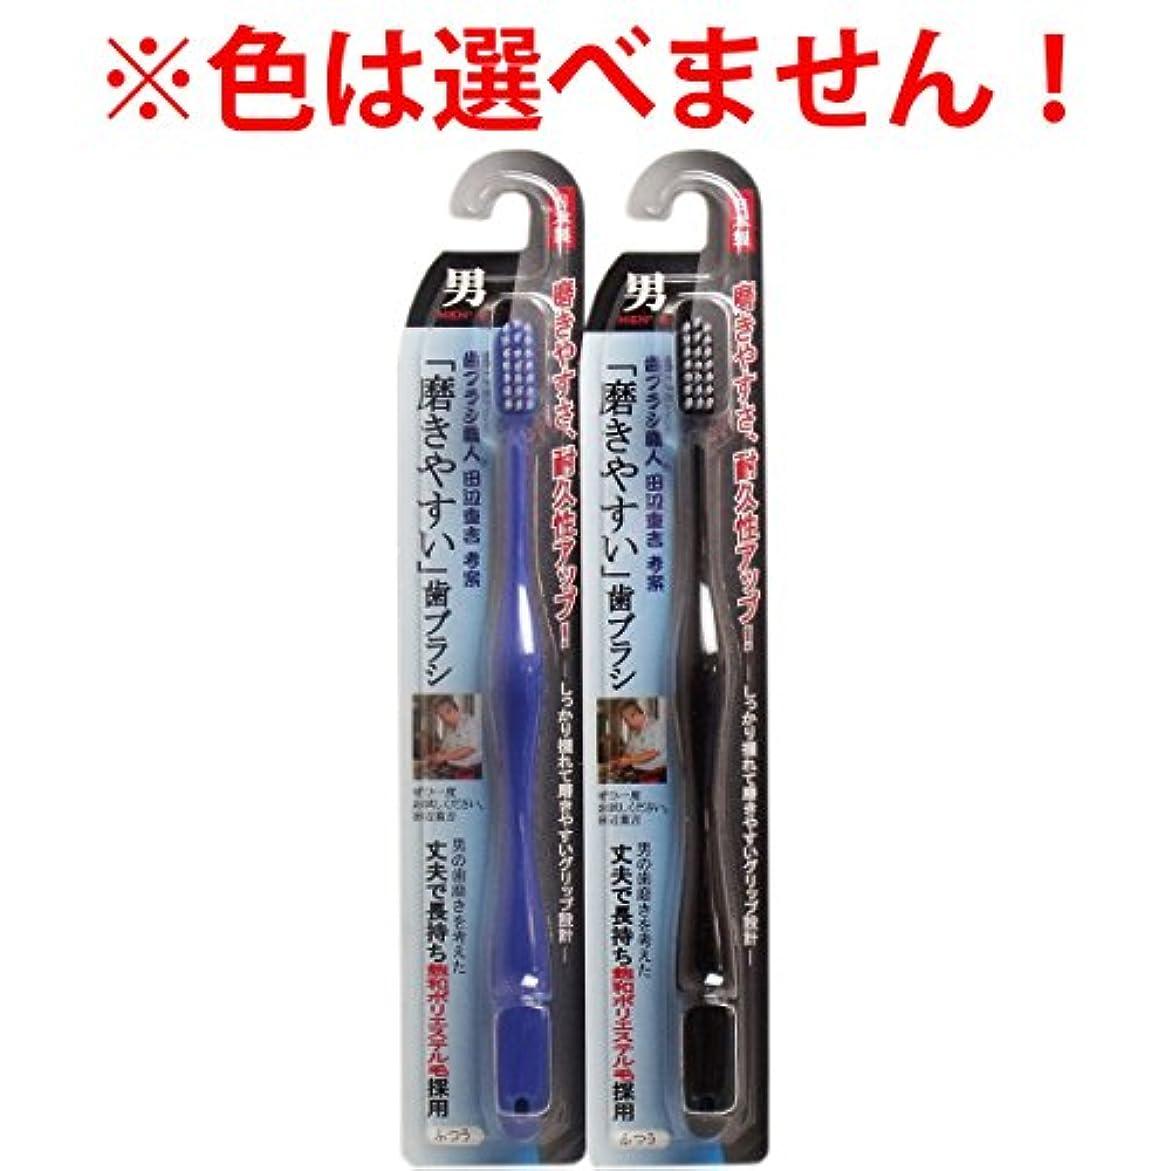 オーチャード壊滅的なジュラシックパークライフレンジ 「磨きやすい」歯ブラシ男 LT-08 1本